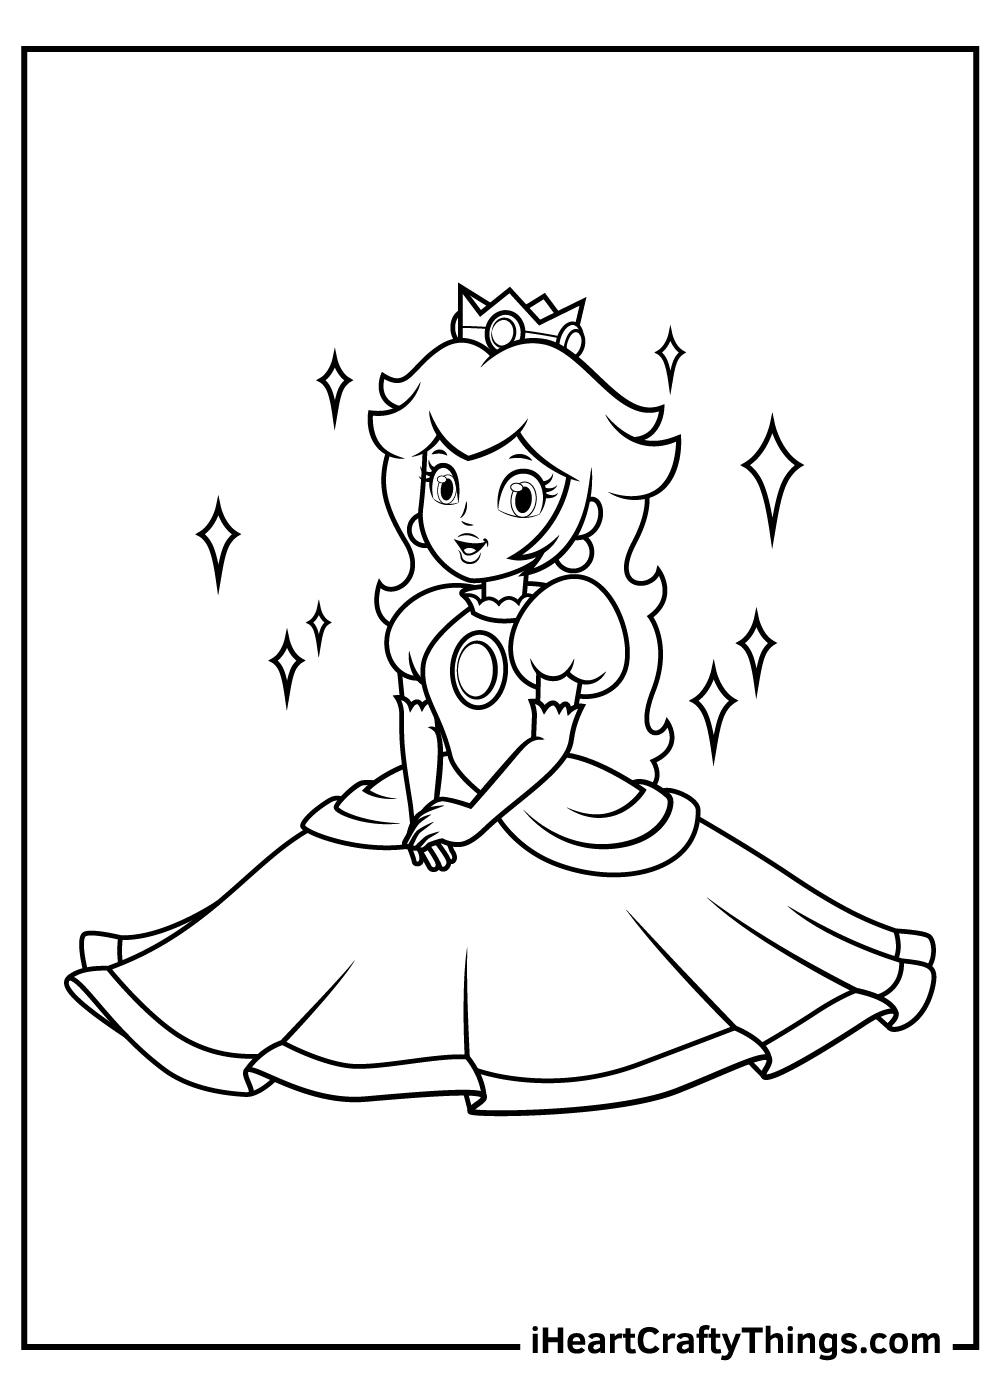 super mario bros princess peach coloring printable pdf